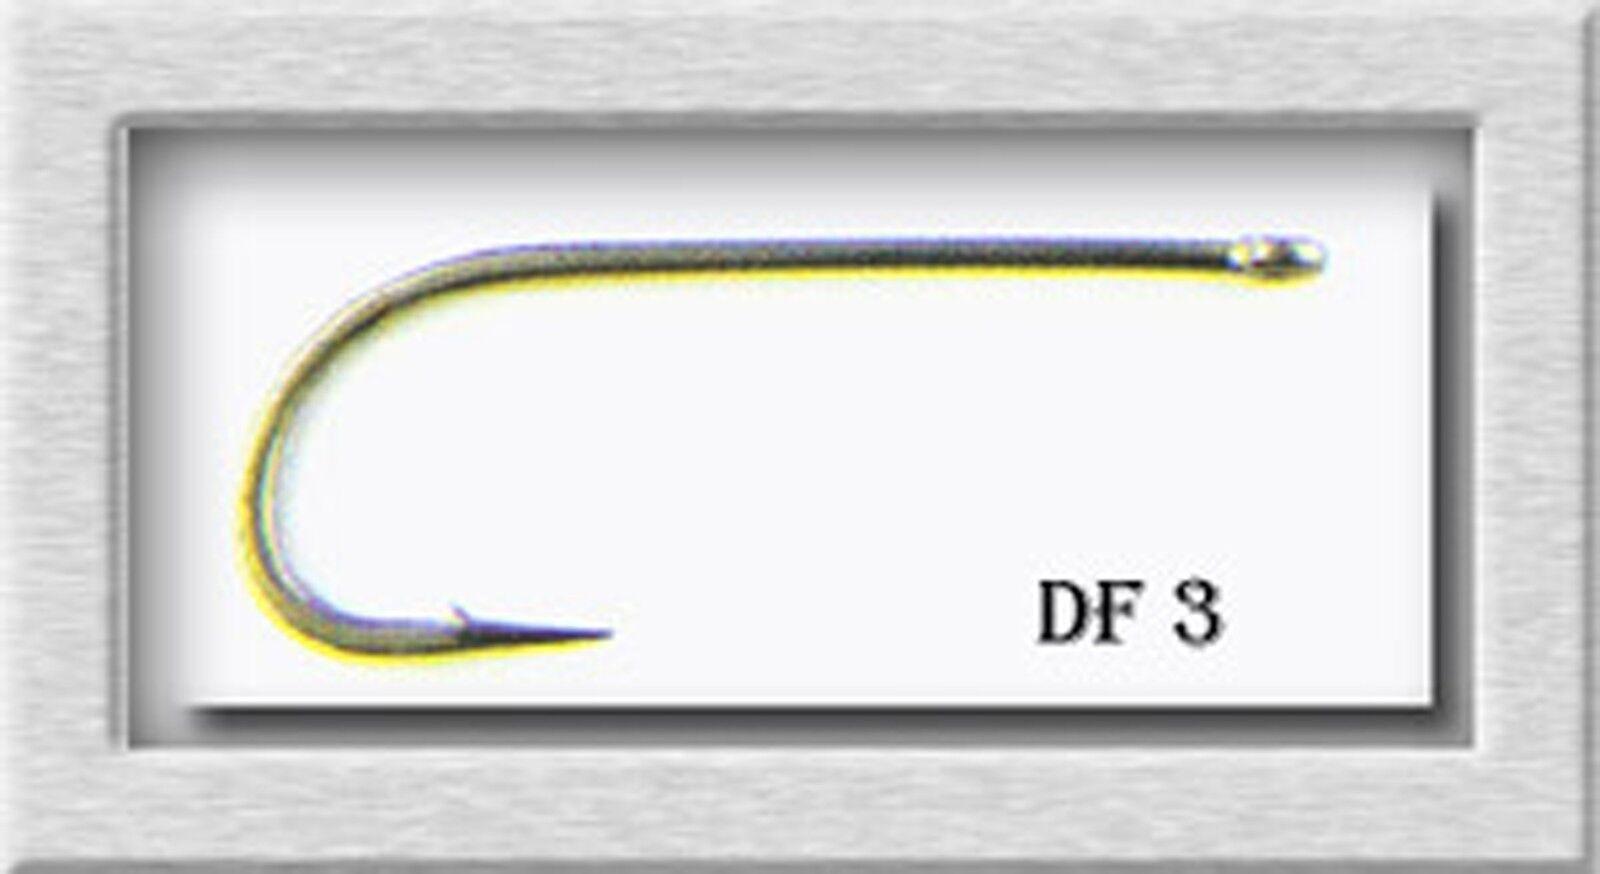 Lightning Strike Fly Tying Hooks Dry Fly (DF3) Straight Eye sz 10 - 1,000 Hooks